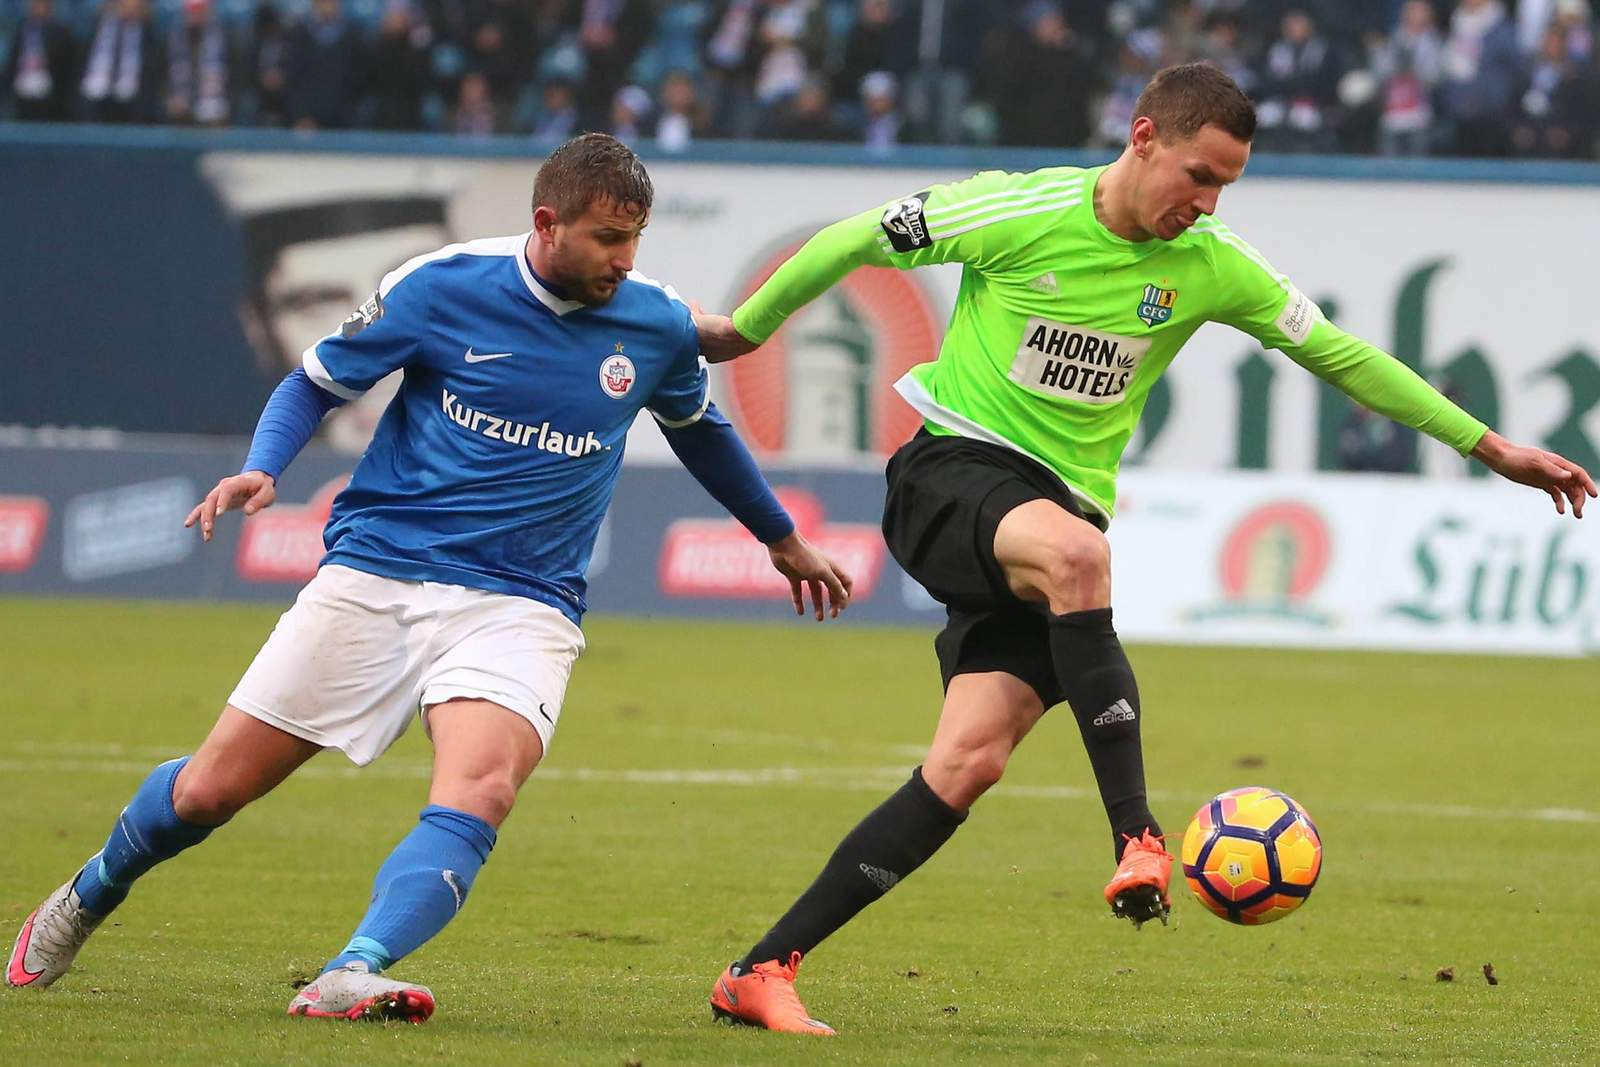 Marcel Ziemer (Rostock) und Tim Danneberg (Chemnitz) im Duell um den Ball